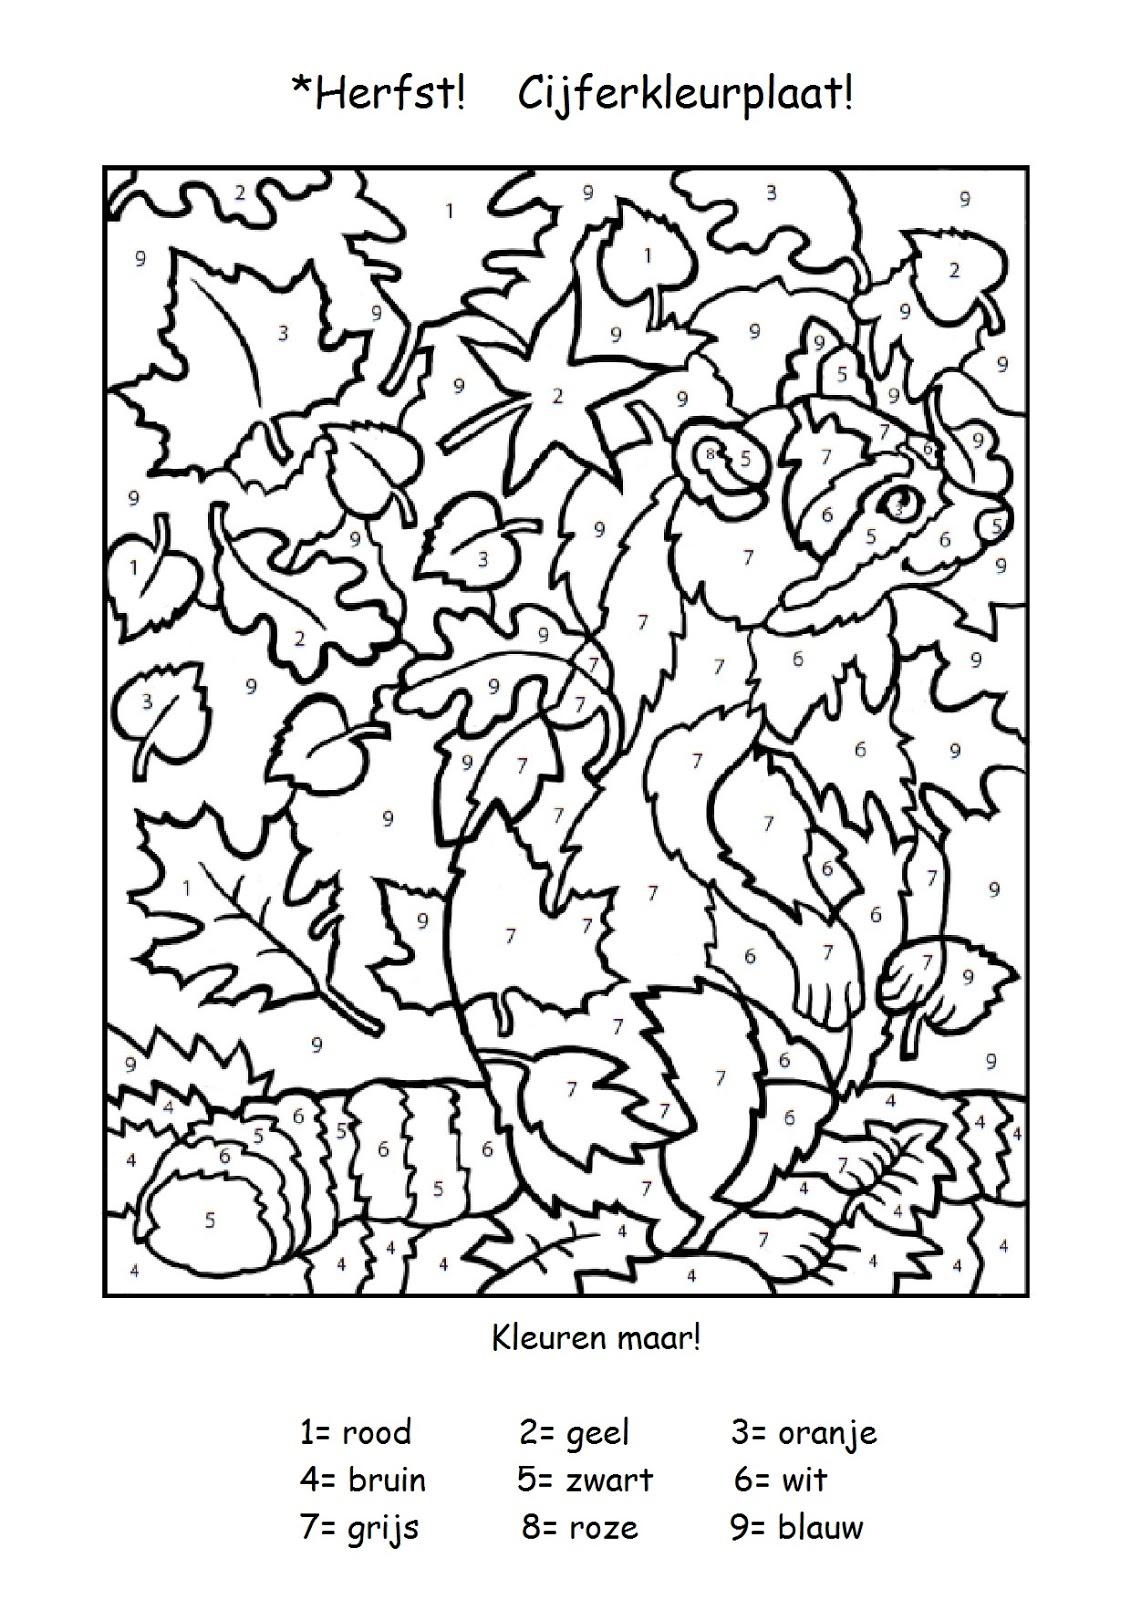 onderwijs en zo voort 1594 thema eekhoorns cijferkleurplaat. Black Bedroom Furniture Sets. Home Design Ideas